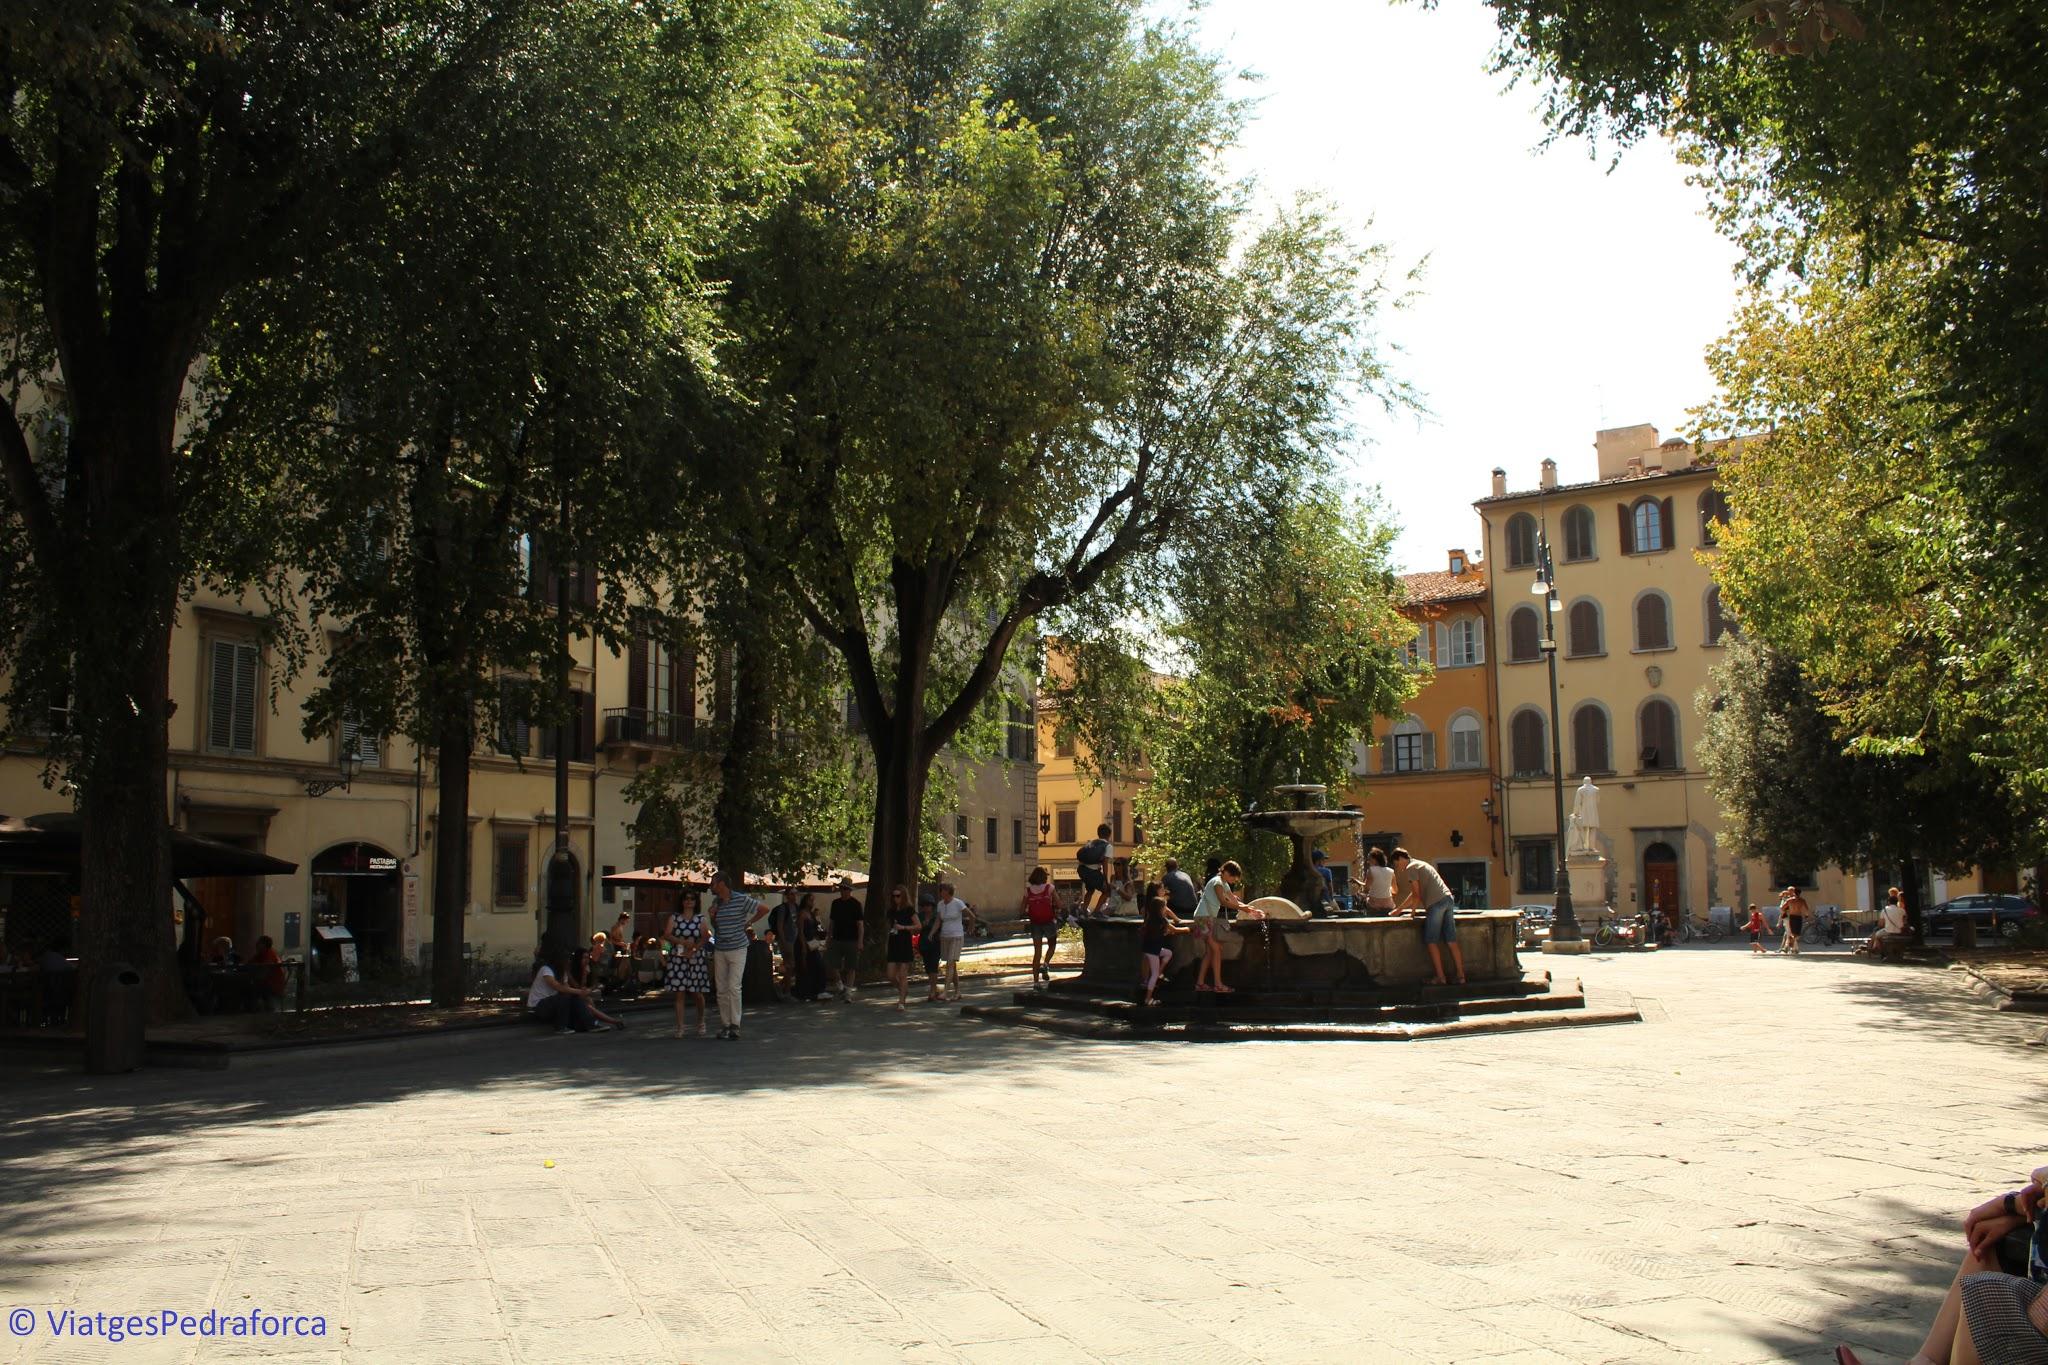 Firenze, Centre Històric de Florència, Unesco, Patrimoni de la Humanitat, Toscana, Itàlia